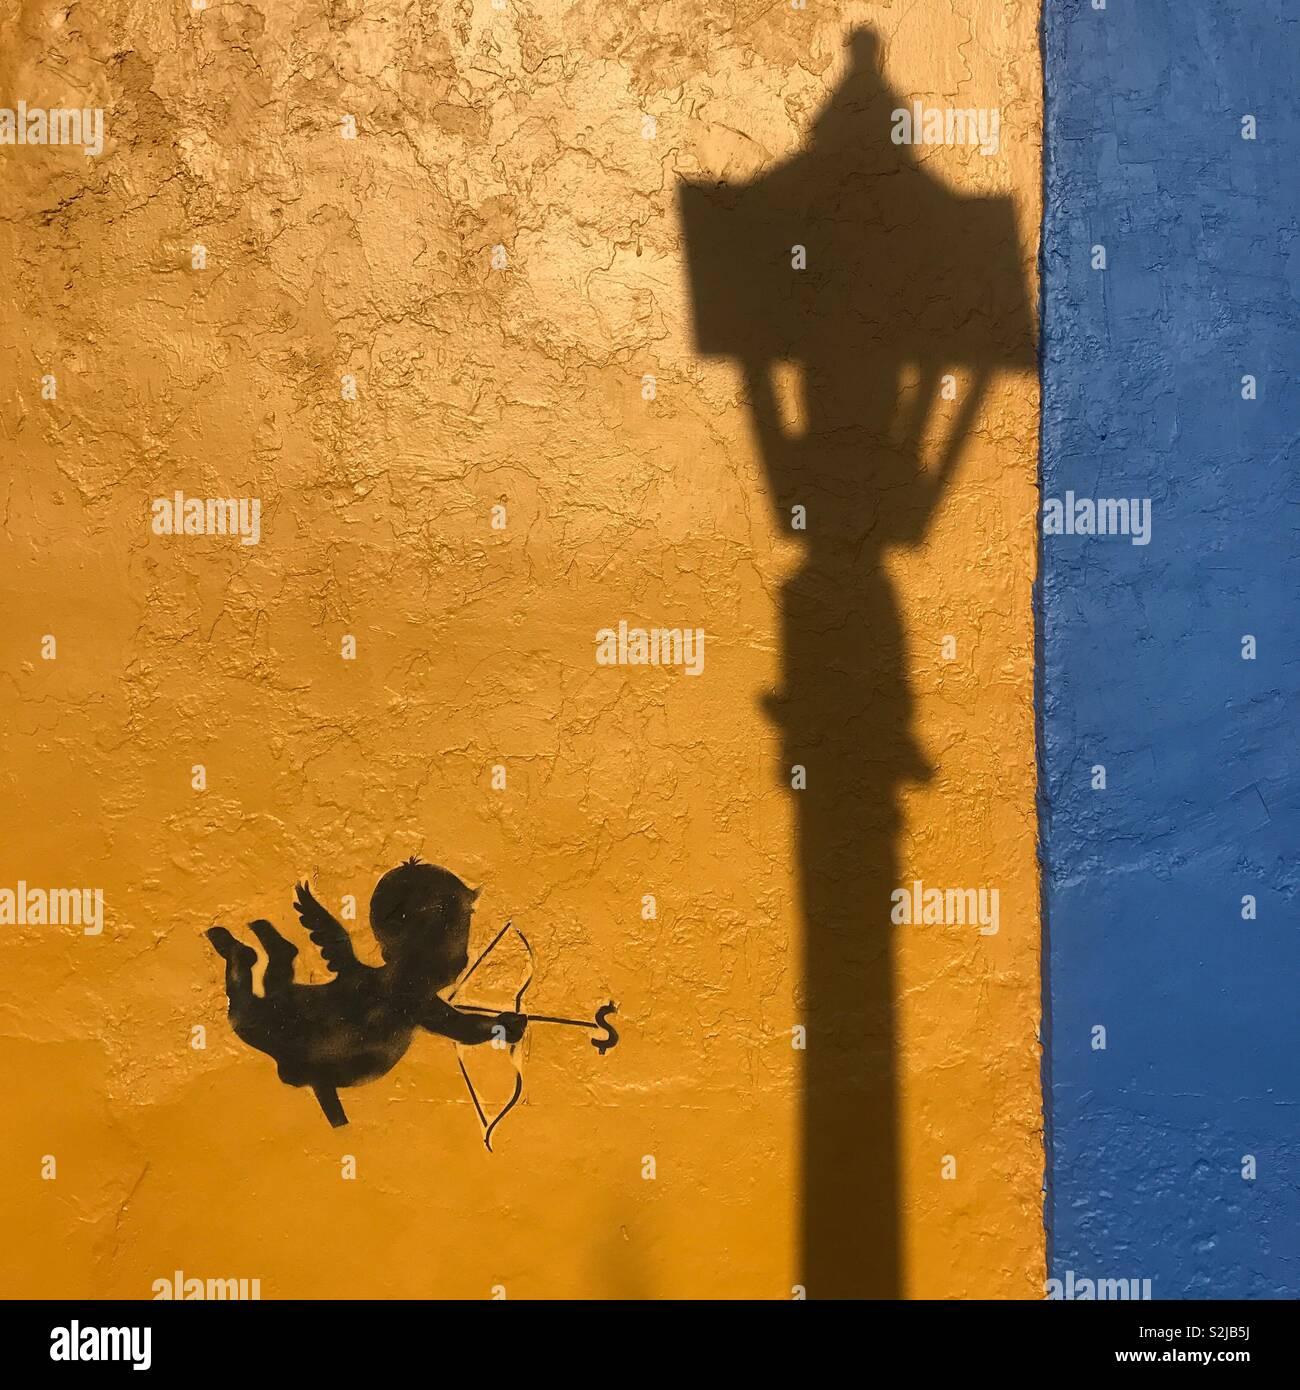 Eine Straßenlaterne Schatten ist auf eine orange Wand in der Nähe einen Aufkleber eines Amor seinen Pfeil zu einer Geld-Zeichen ( $) in Oaxaca, Mexiko cast Stockbild